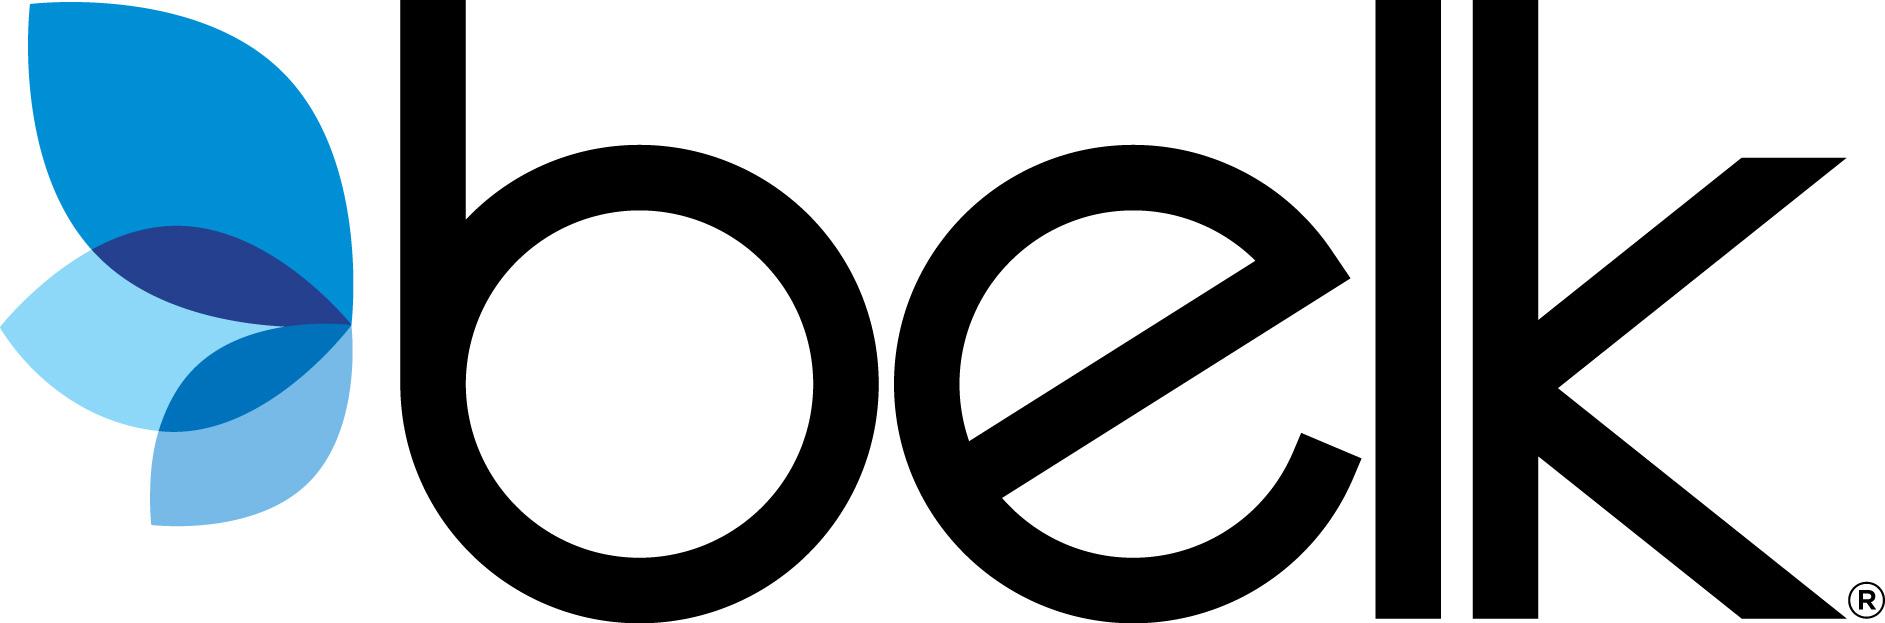 Belk_logo